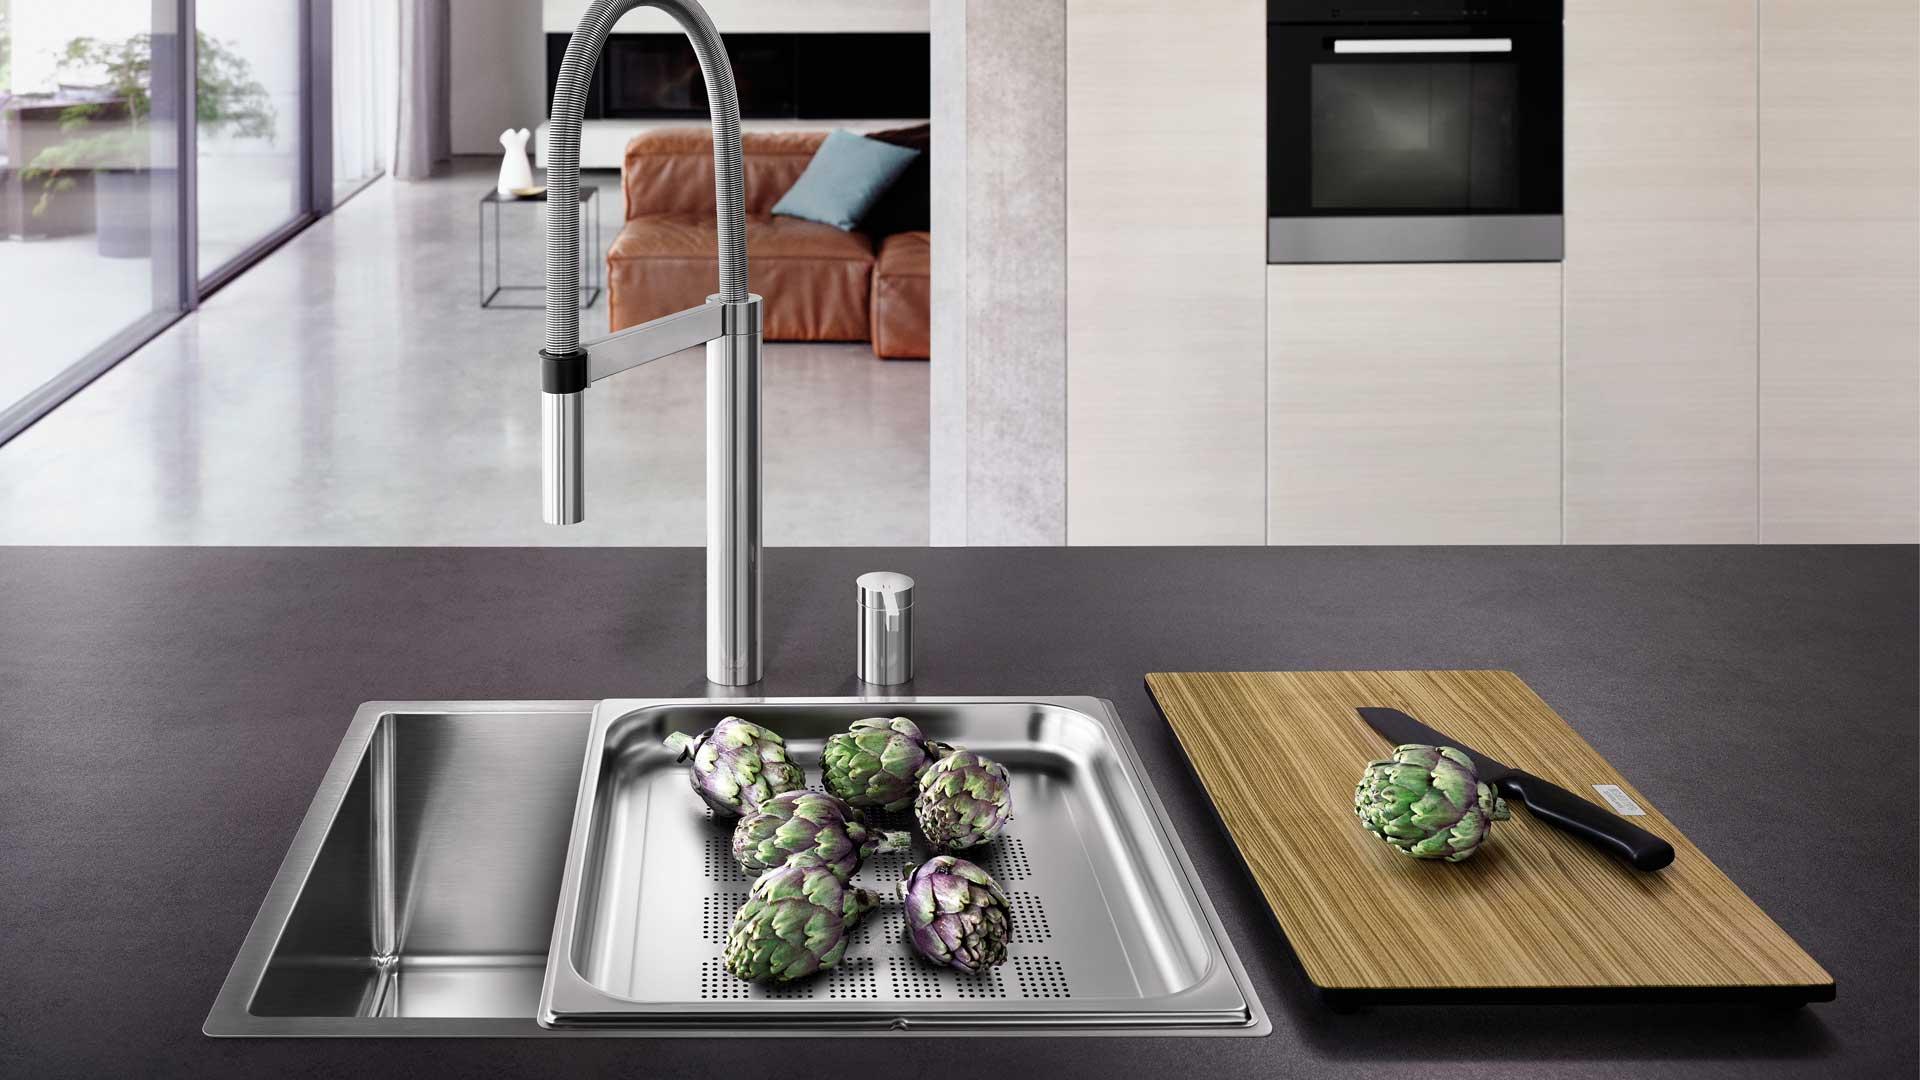 Dampfgarerspüle von Blanco im Küchenstudio in Österreich